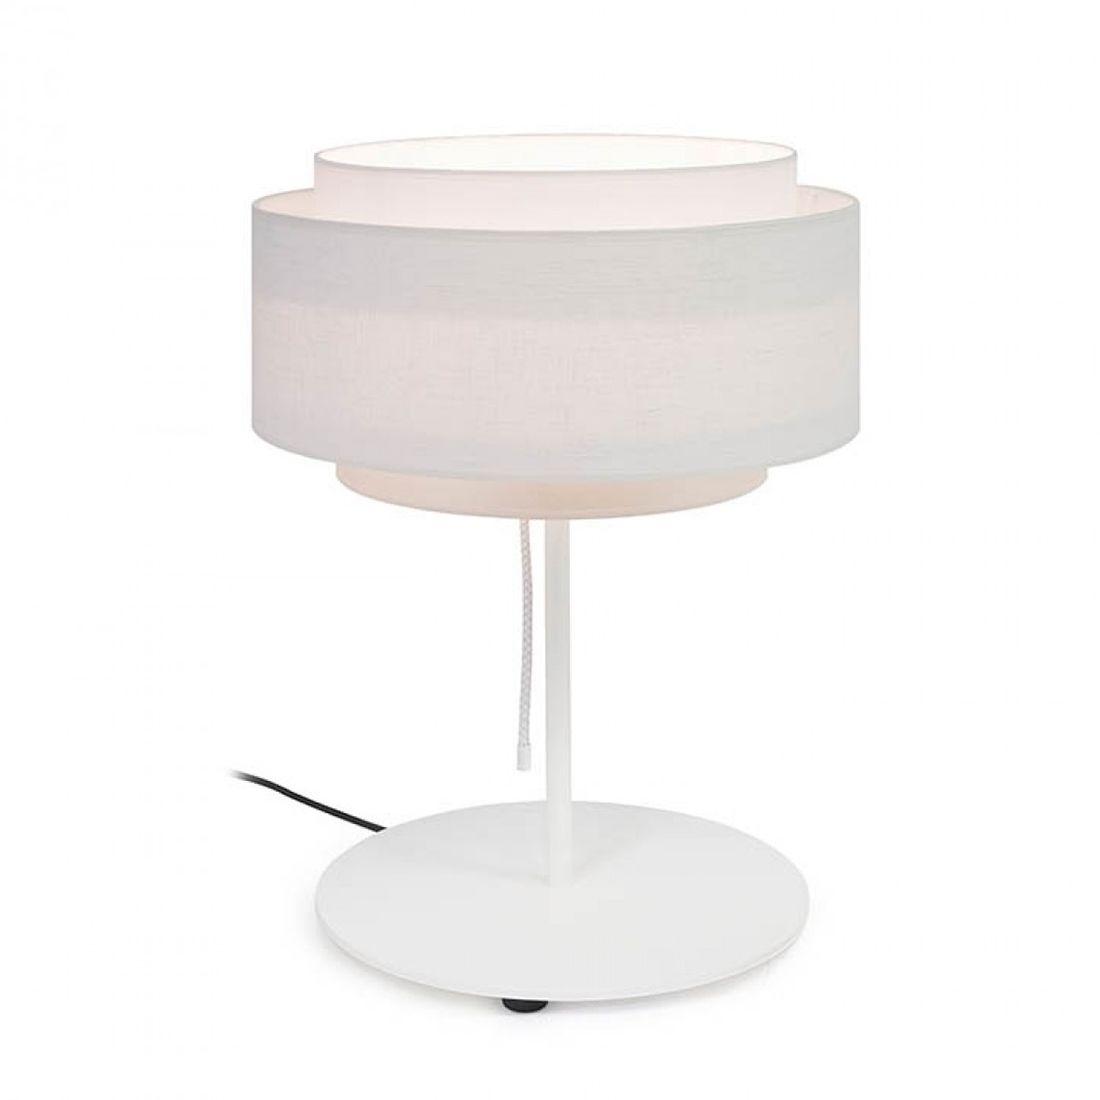 Halo tafellamp Piet Boon wit